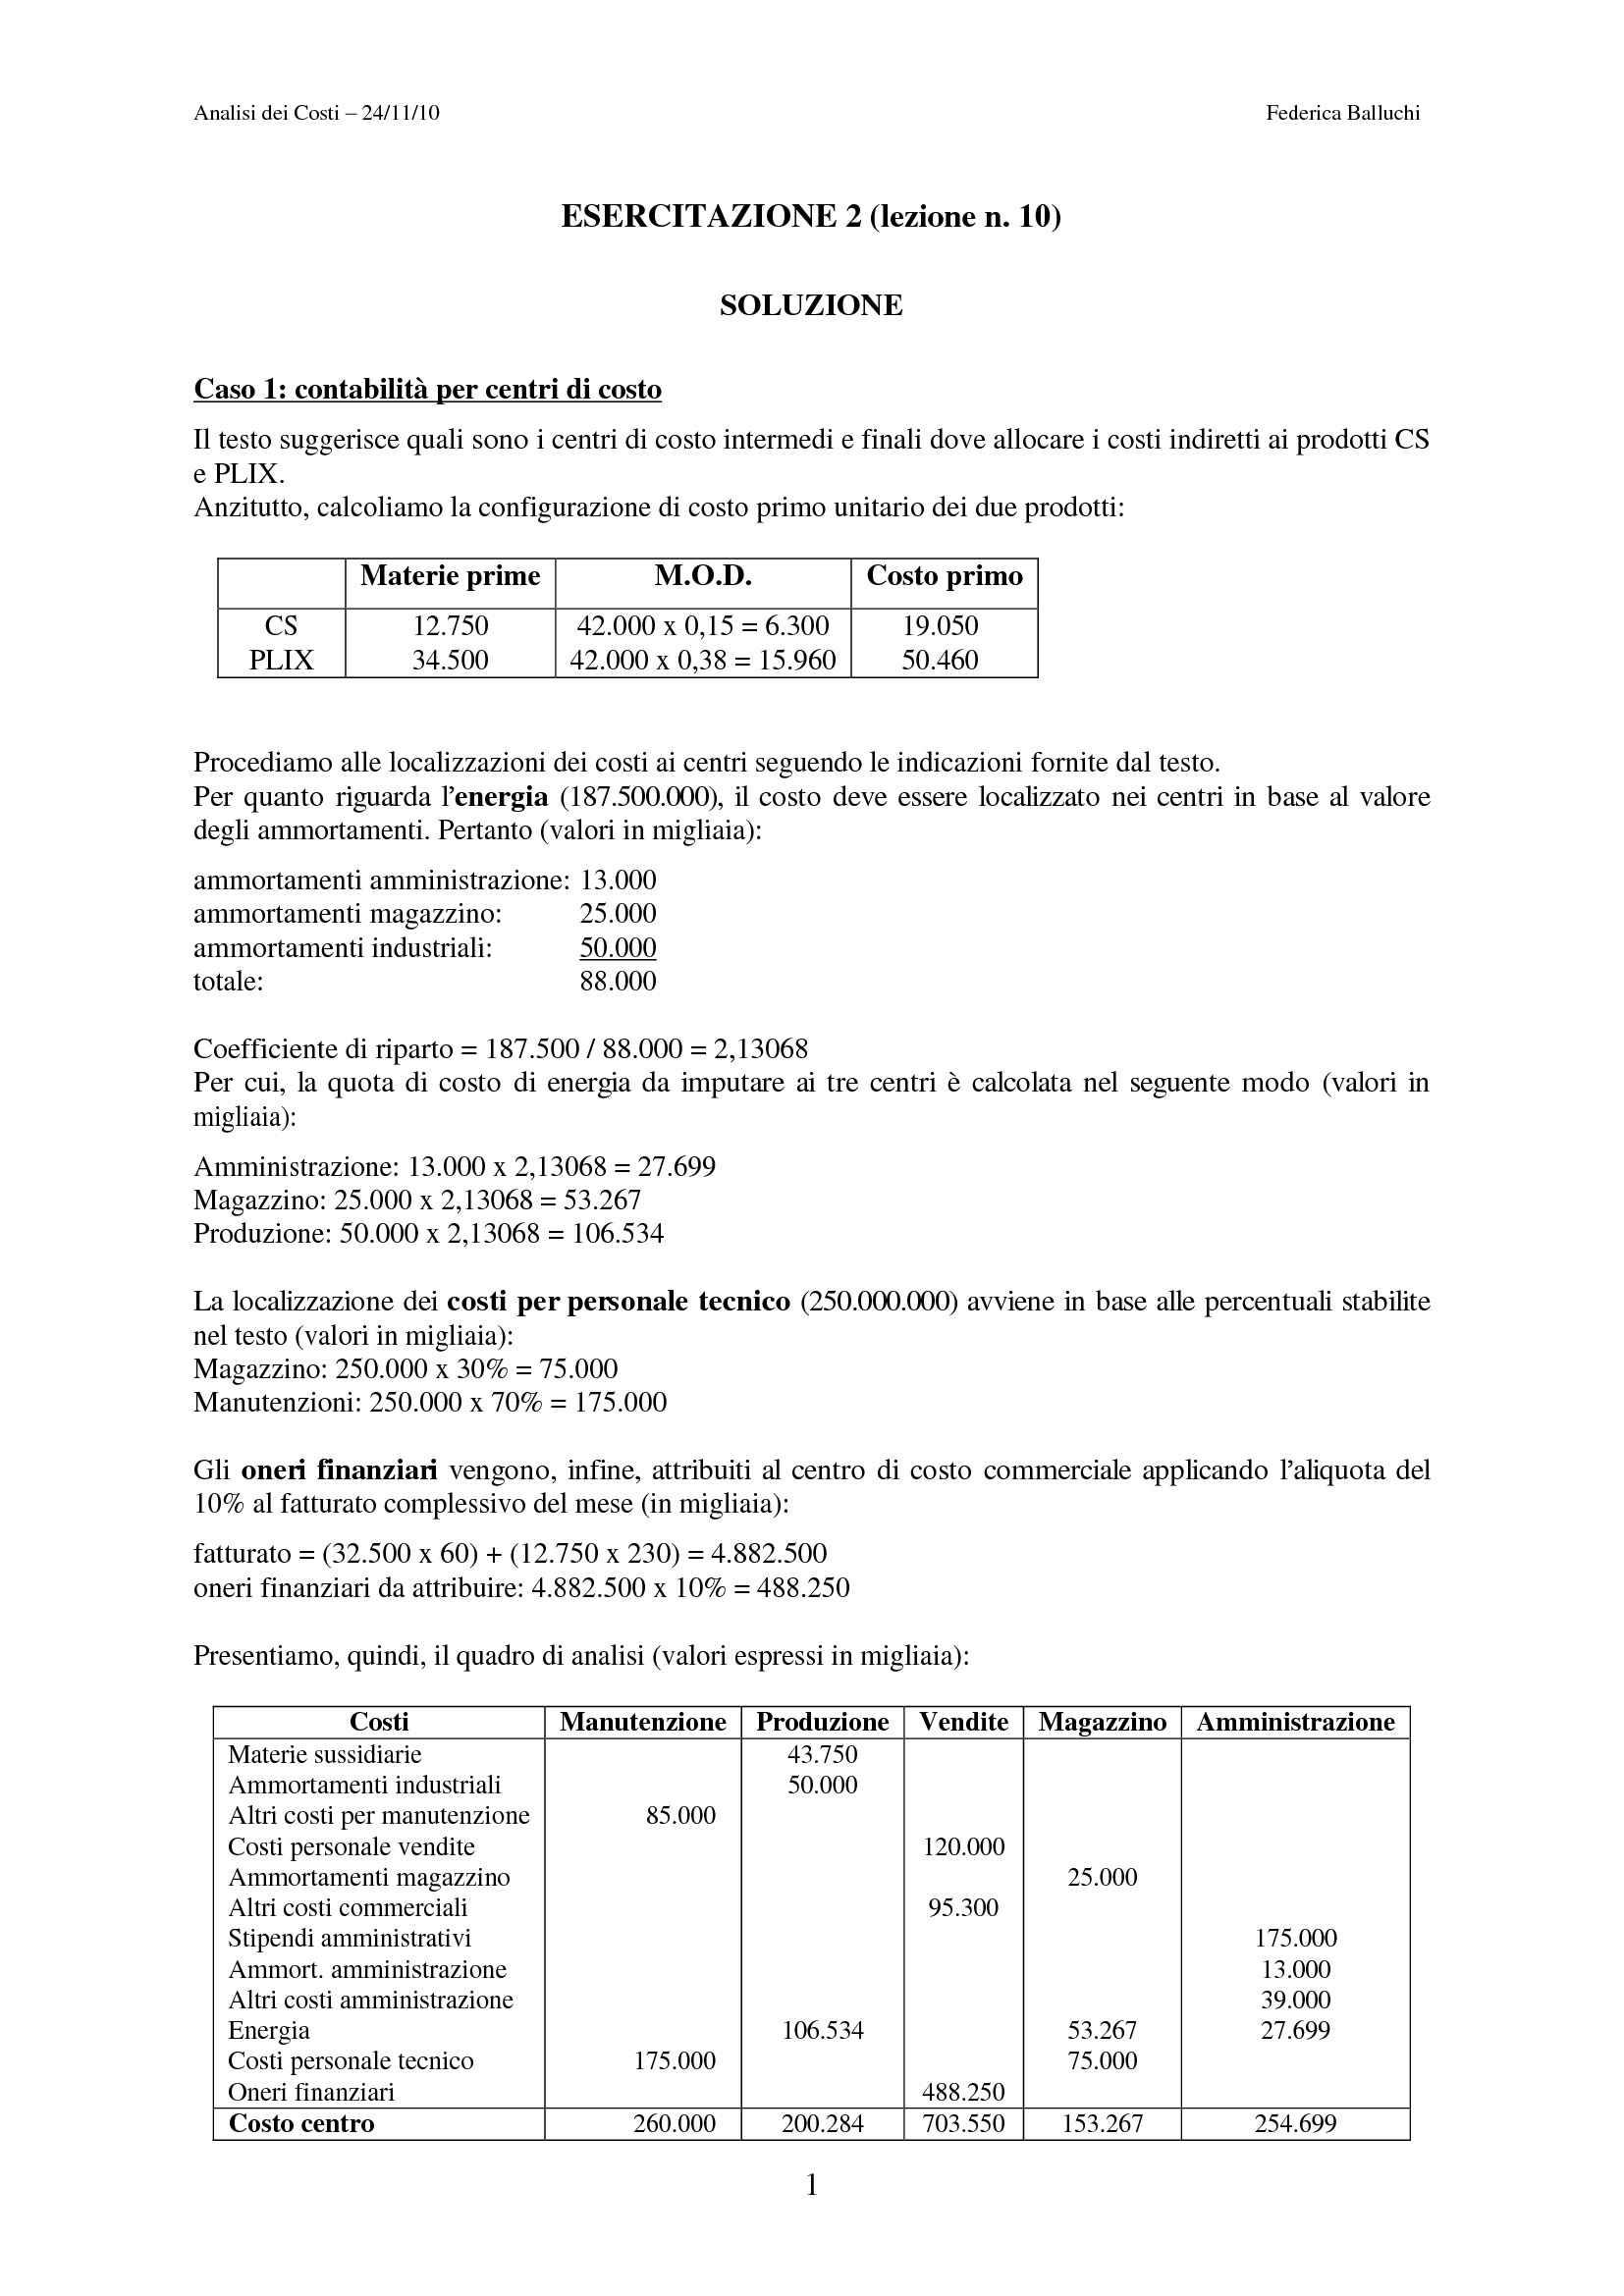 esercitazione F. Balluchi Analisi dei costi